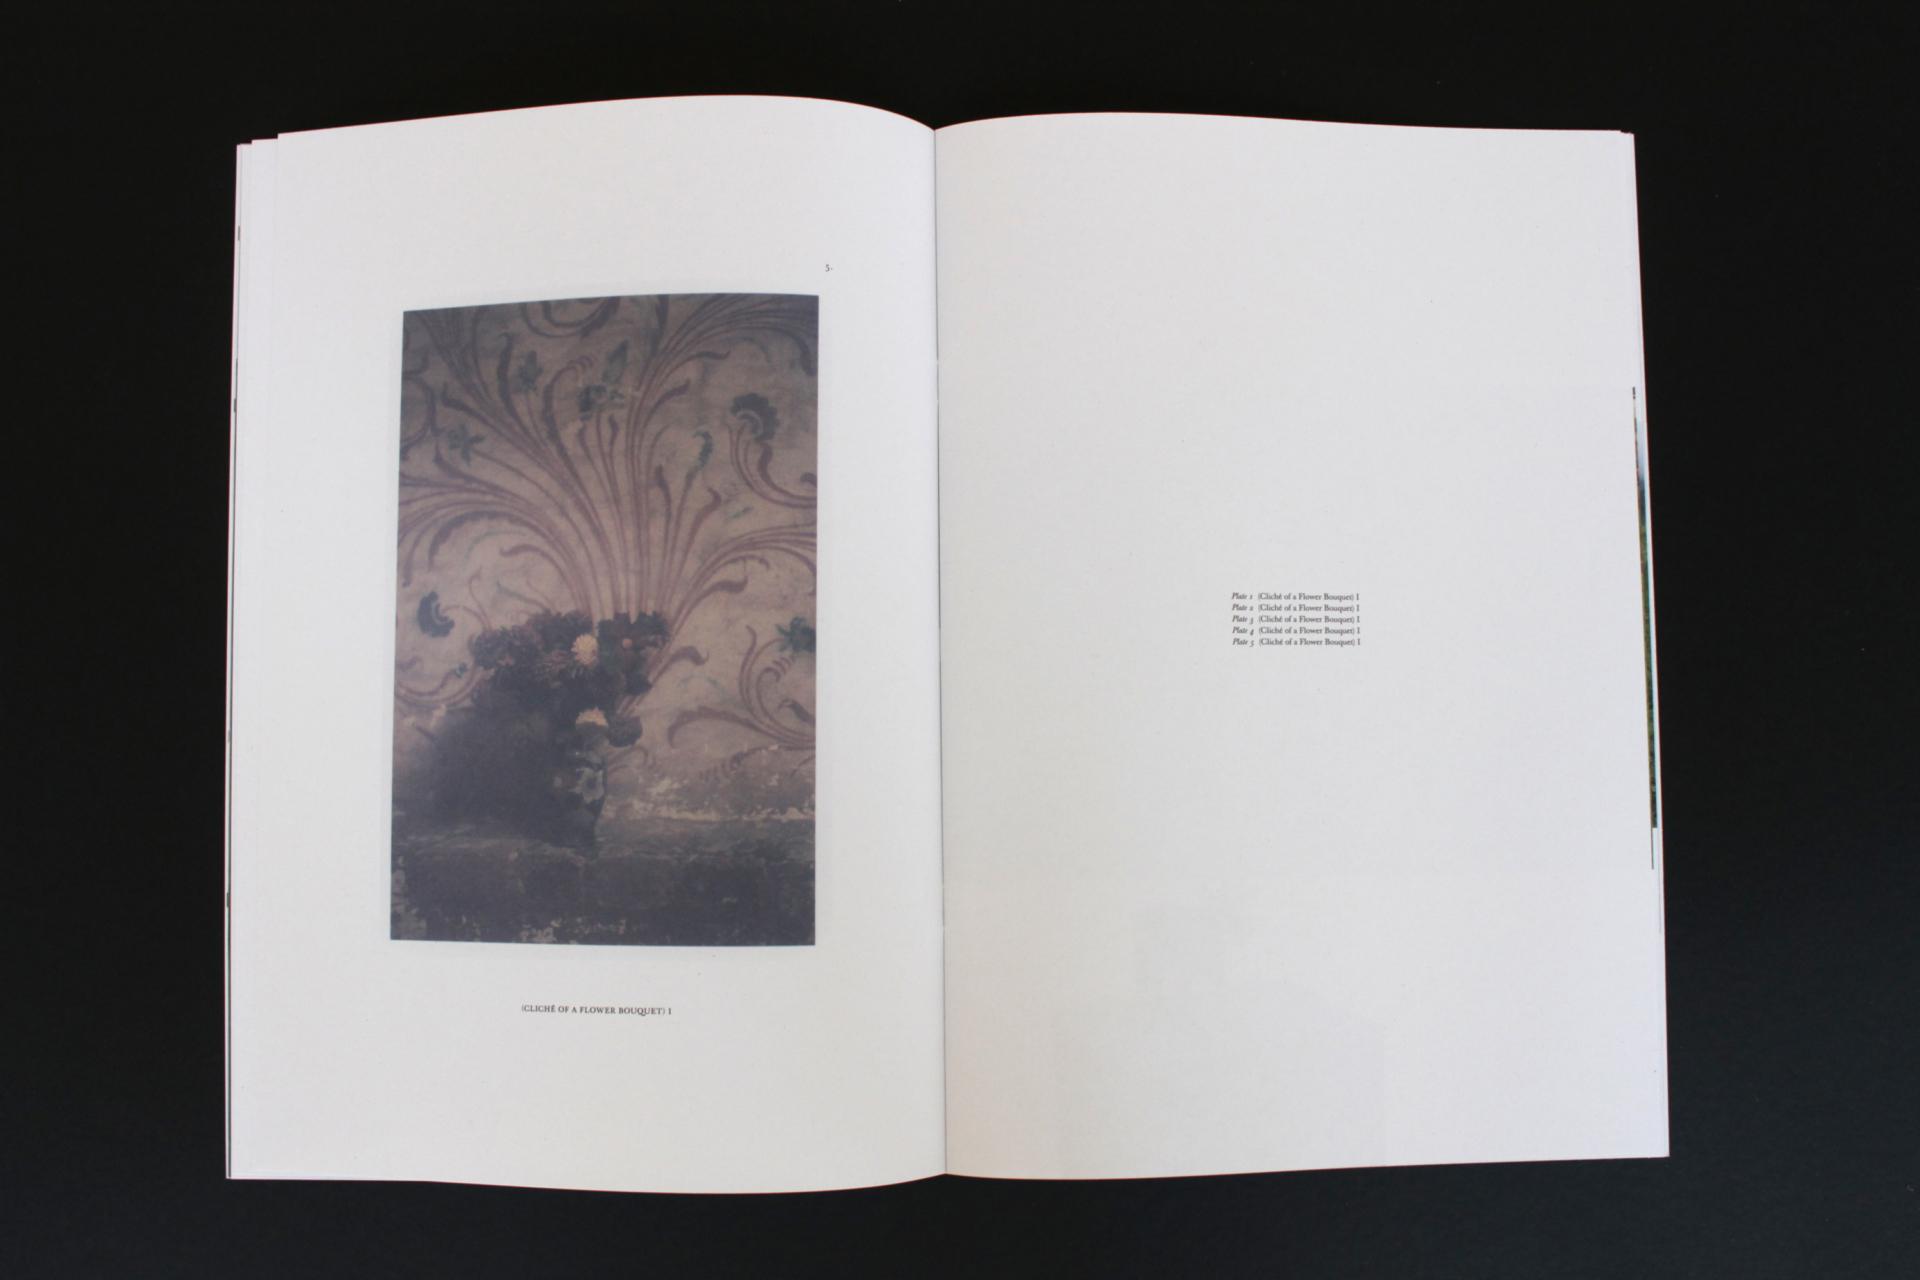 INGA KERBER Schloss Plueschow Publication, 2014